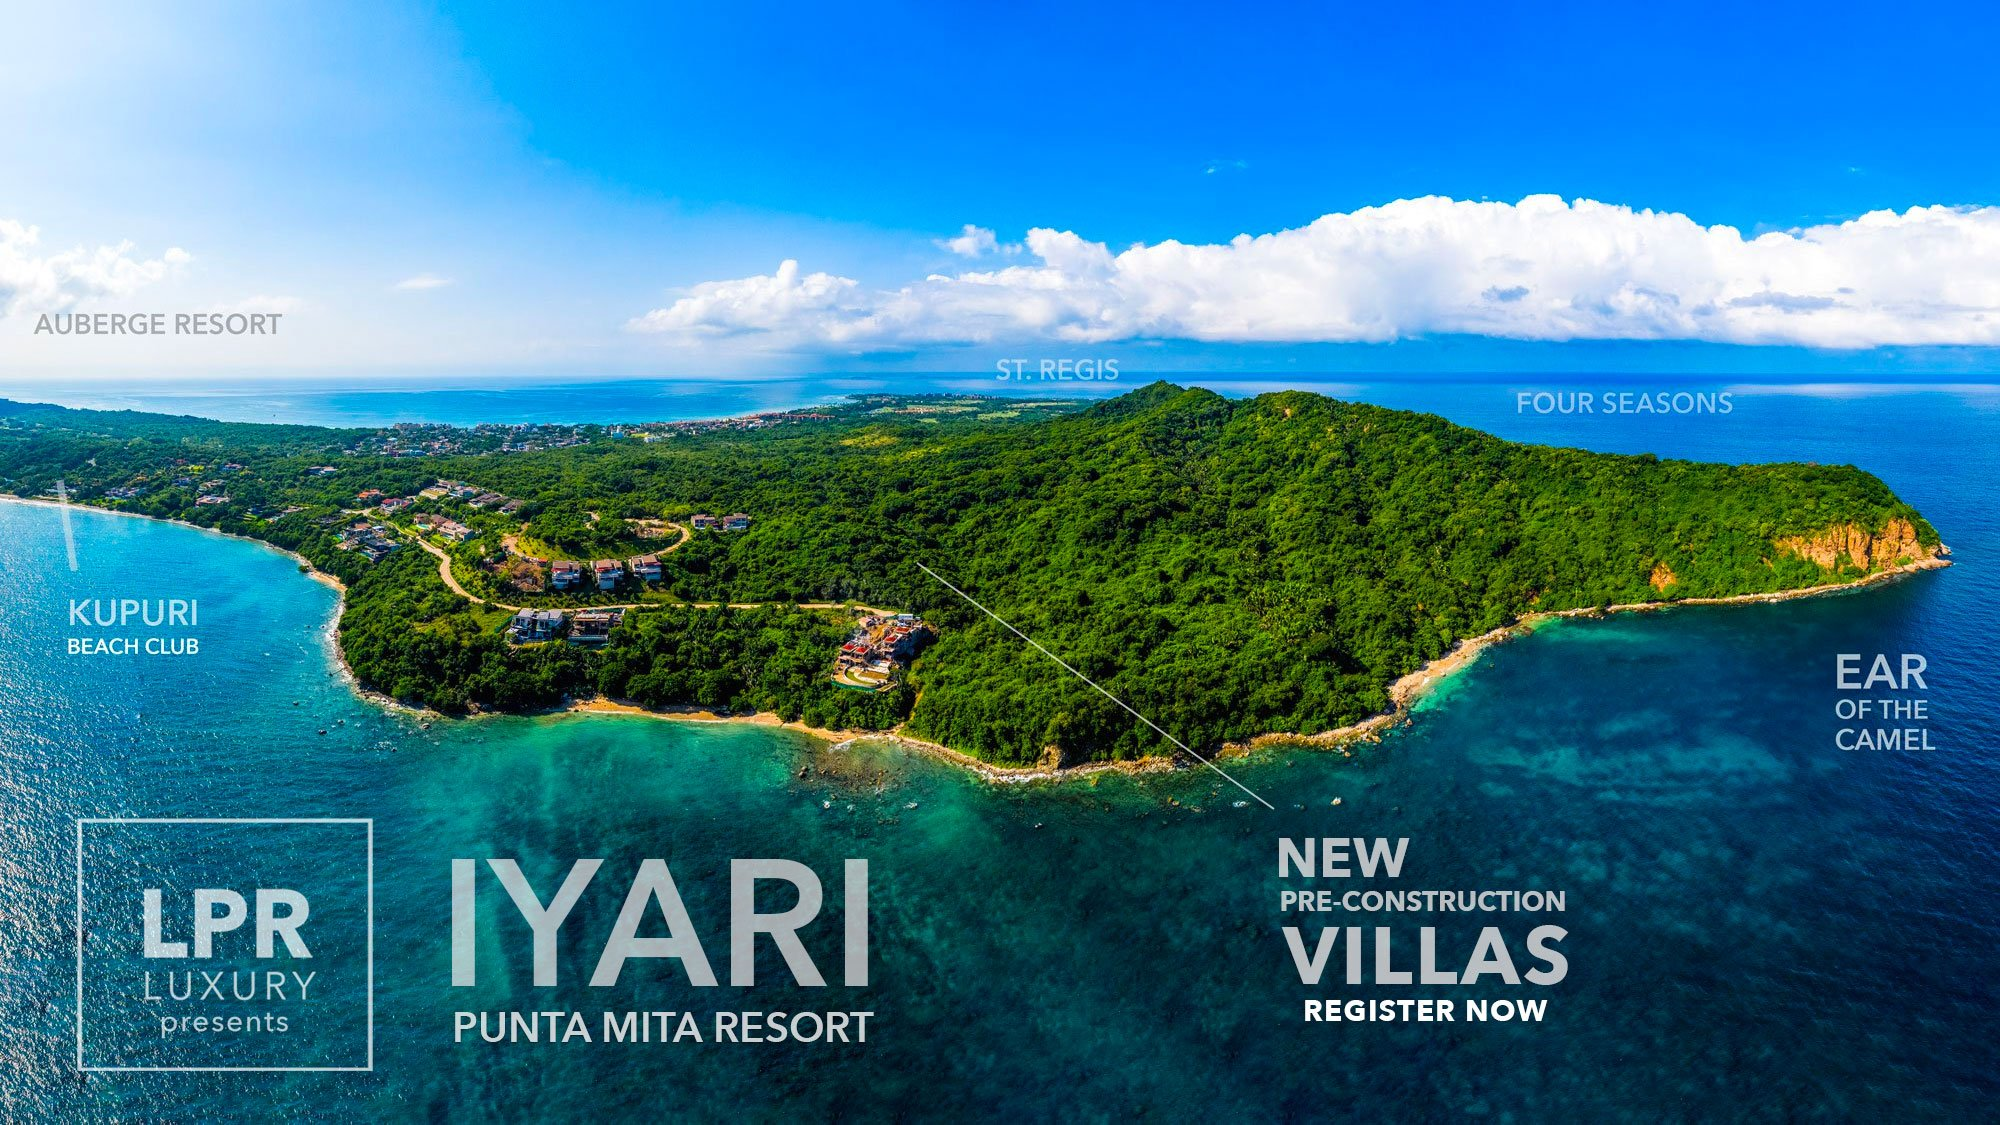 IYARI - Punta Mita Resort, Riviera Nayarit, Mexico